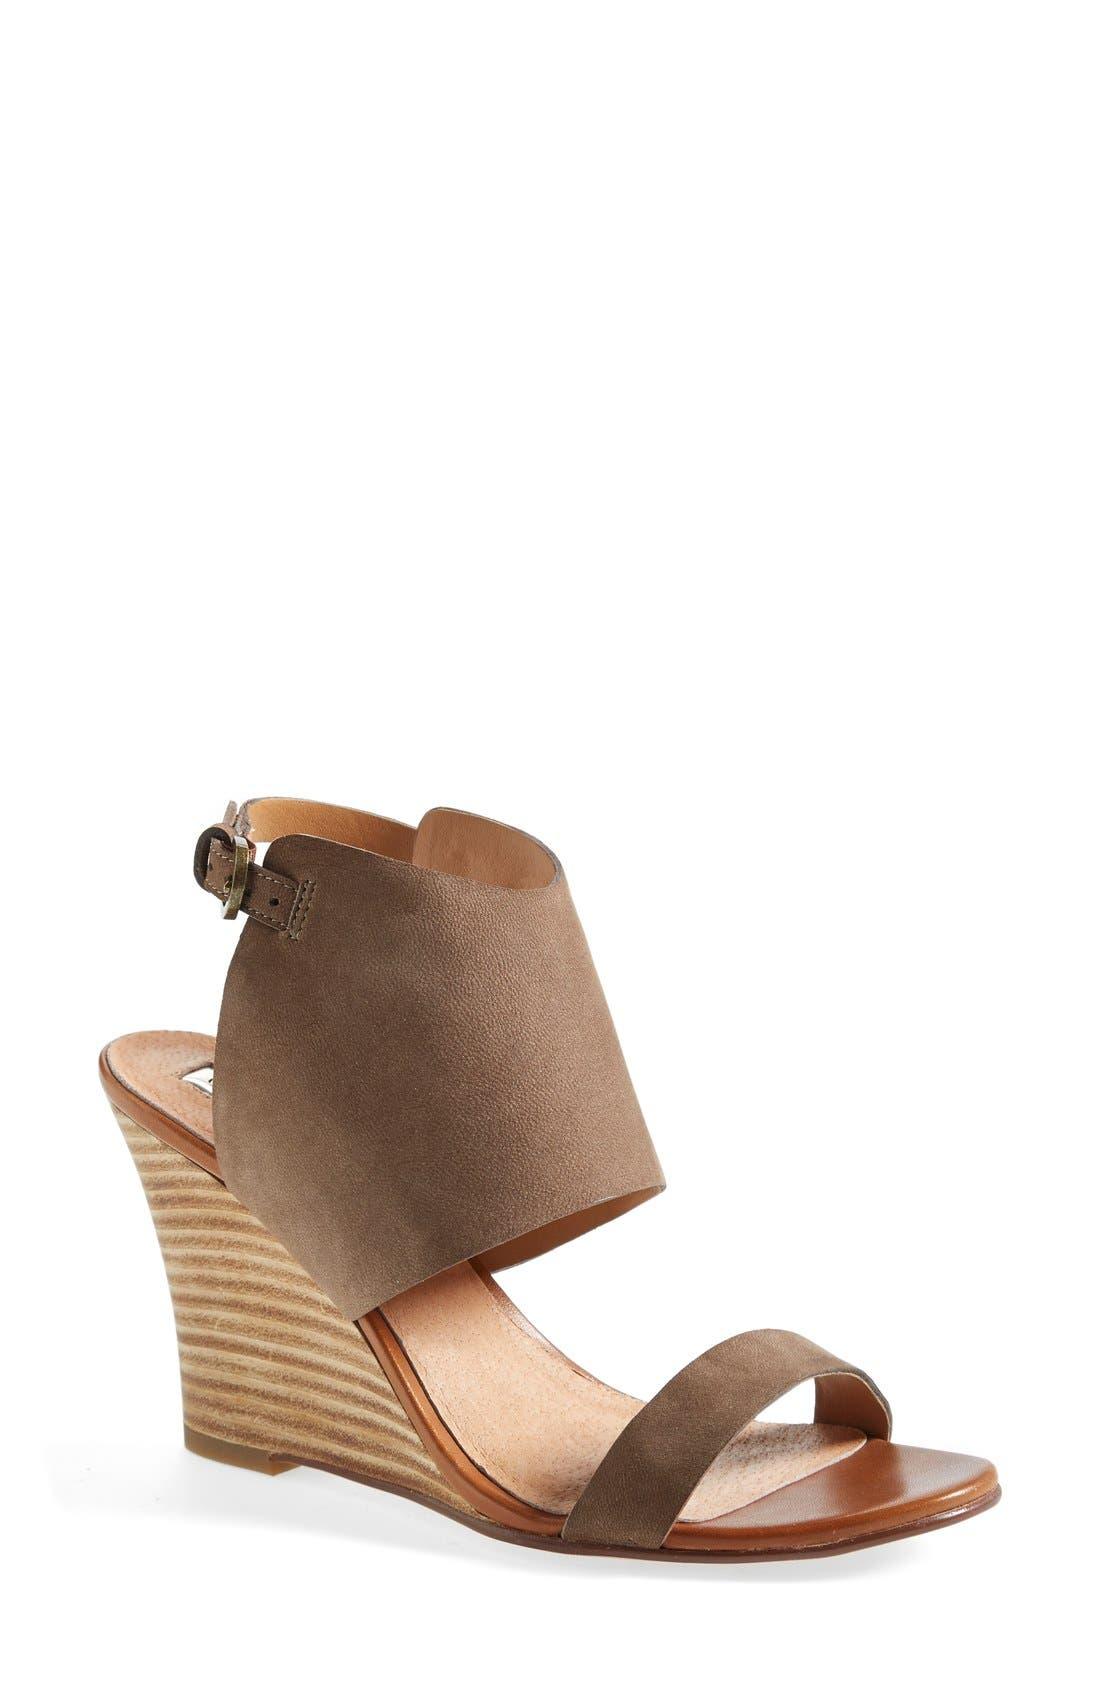 'Clarette' Wedge Sandal,                             Main thumbnail 1, color,                             030